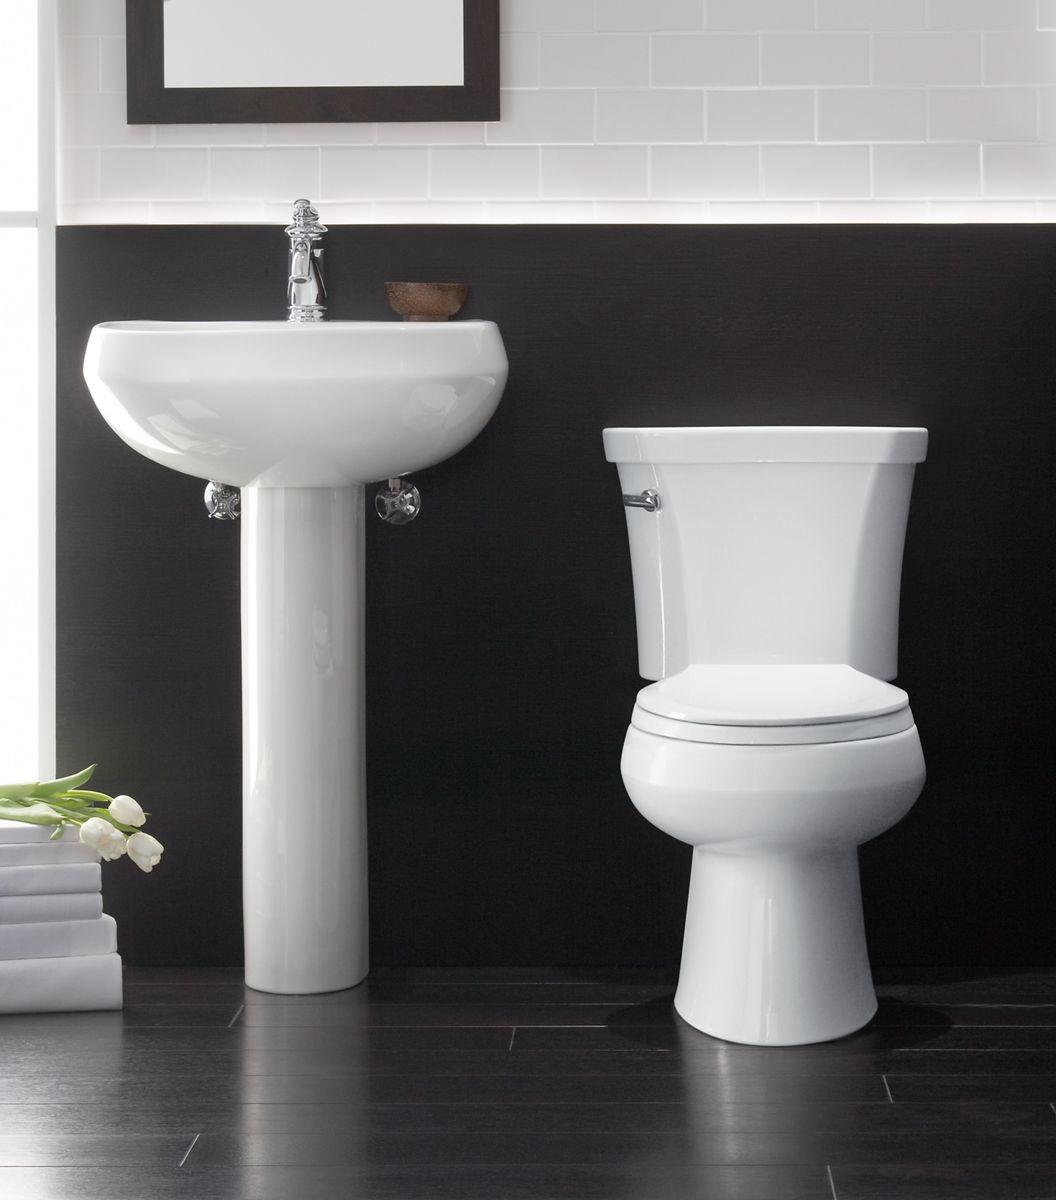 Kohler Bathroom Sinks And Tolets